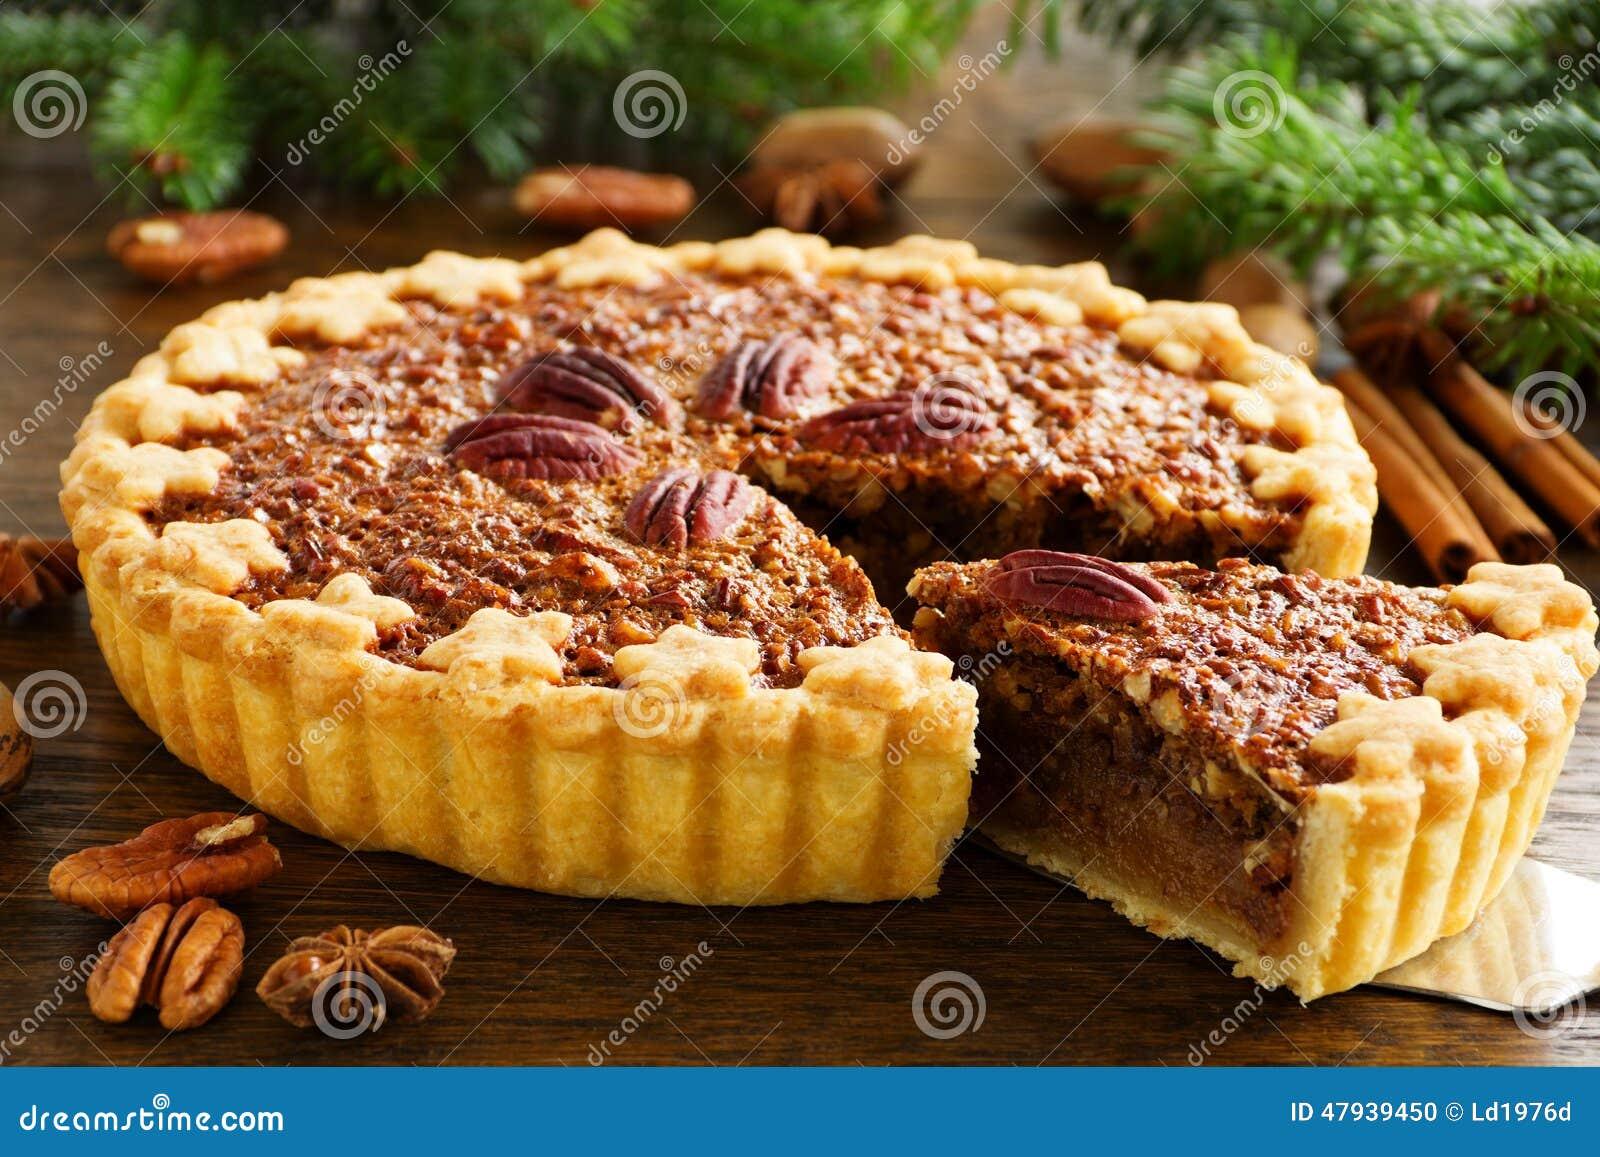 Amerikanischer Klassischer Kuchen Mit Pekannussen Stockfoto Bild